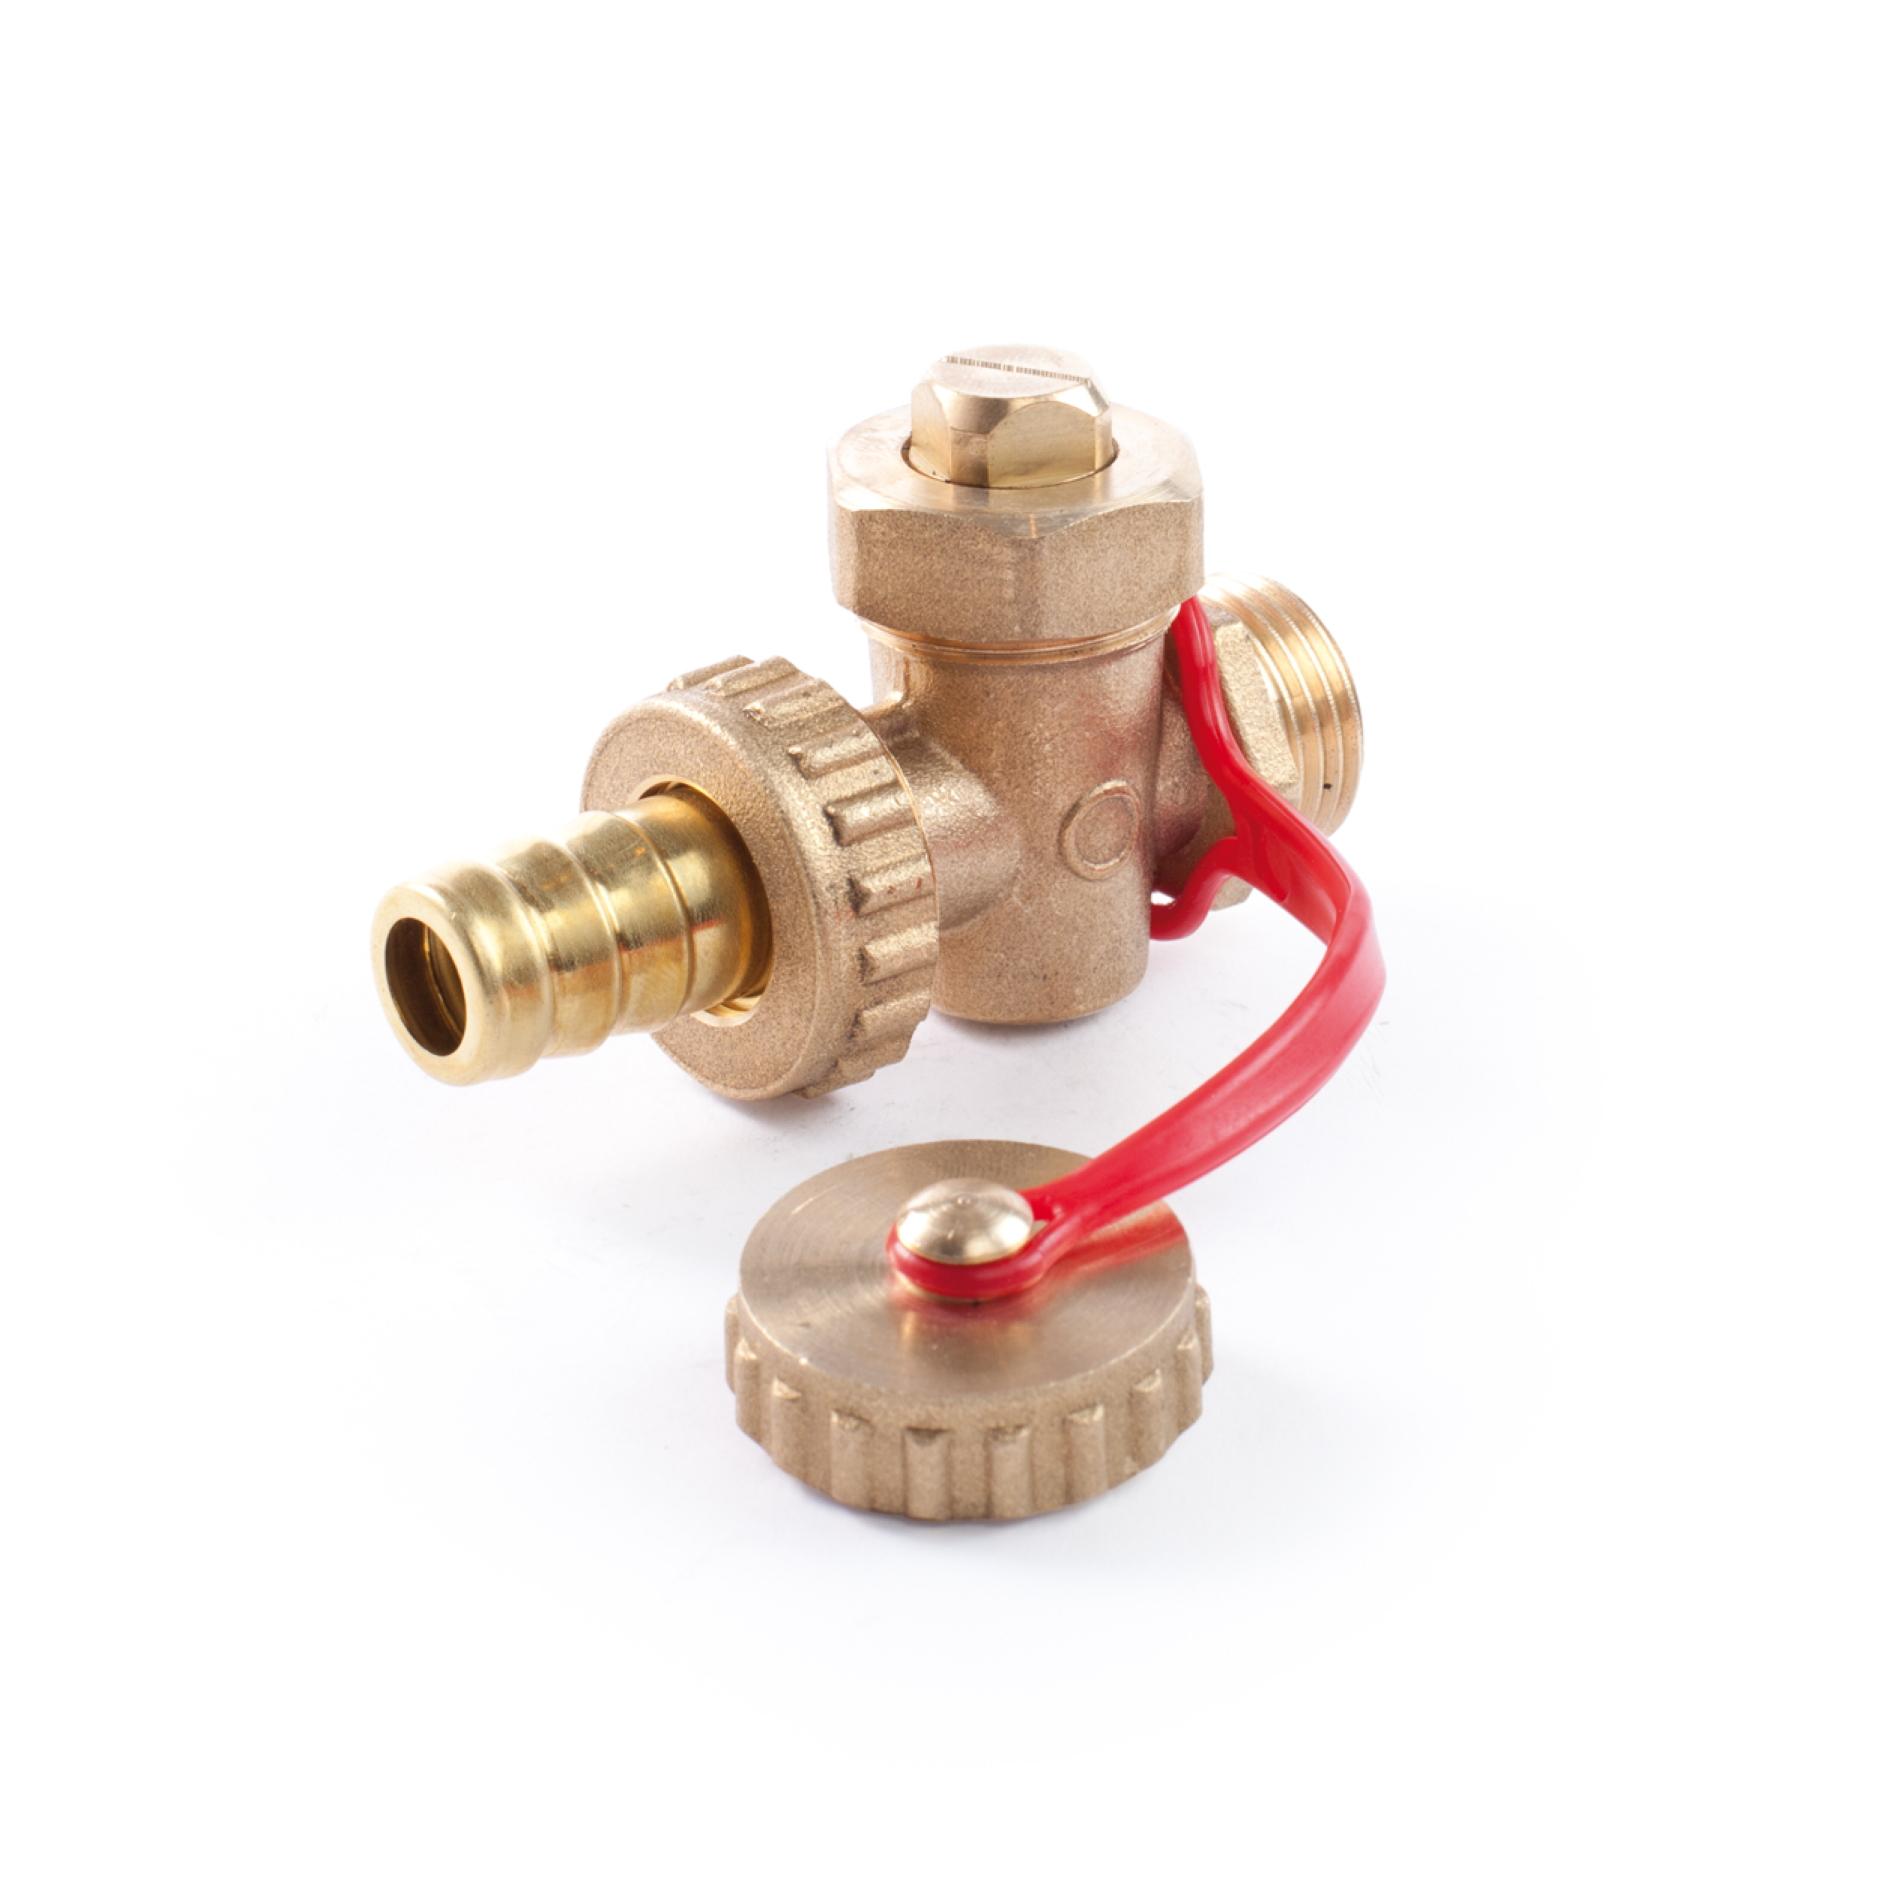 519 Rubinetto in ottone per scarico caldaia Brass boiler drain plug cock